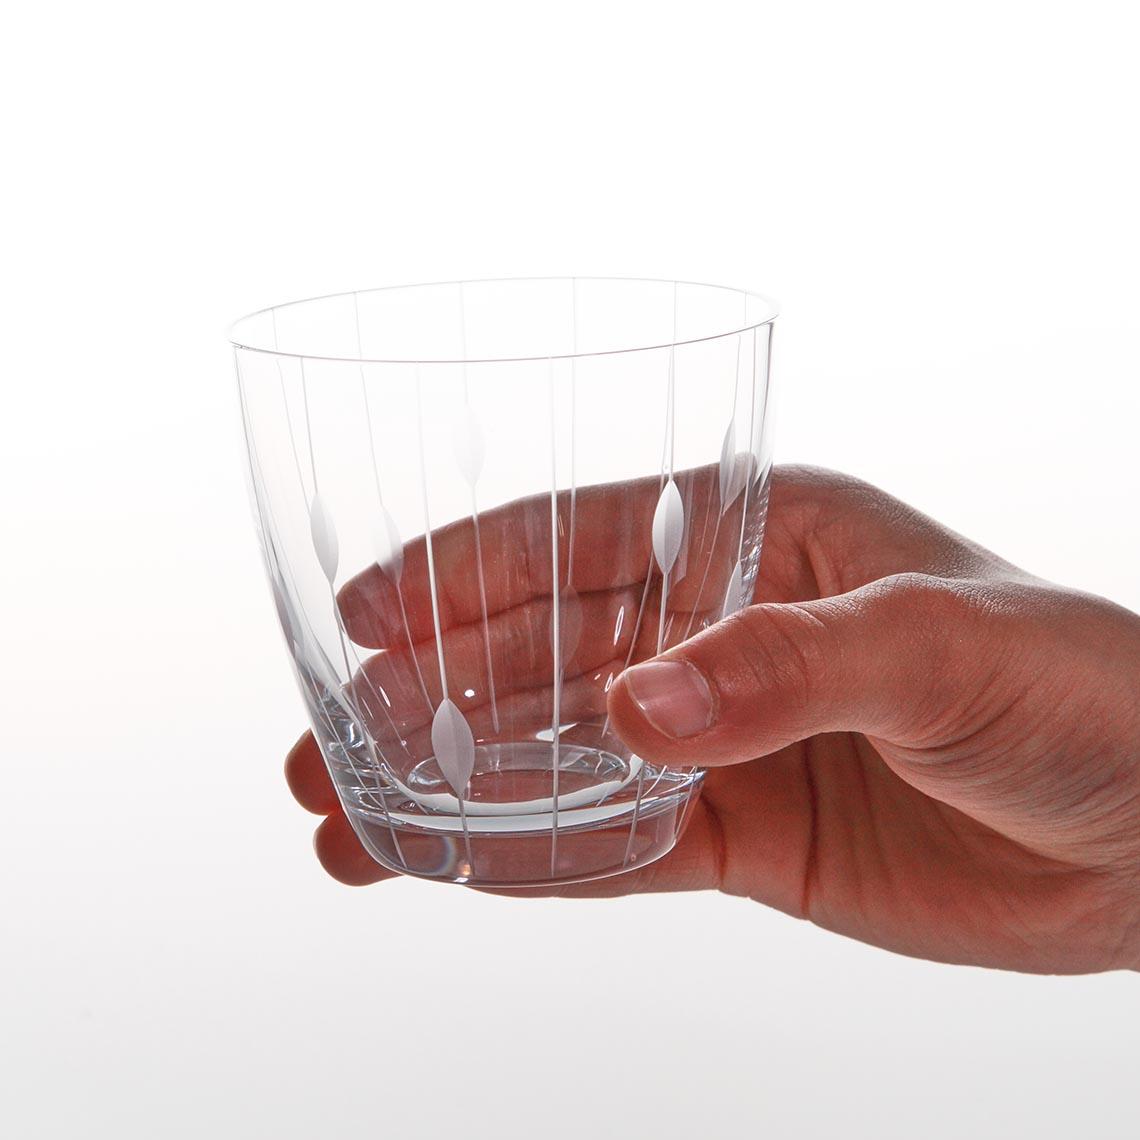 グラス・しずく (ぐらす・しずく)